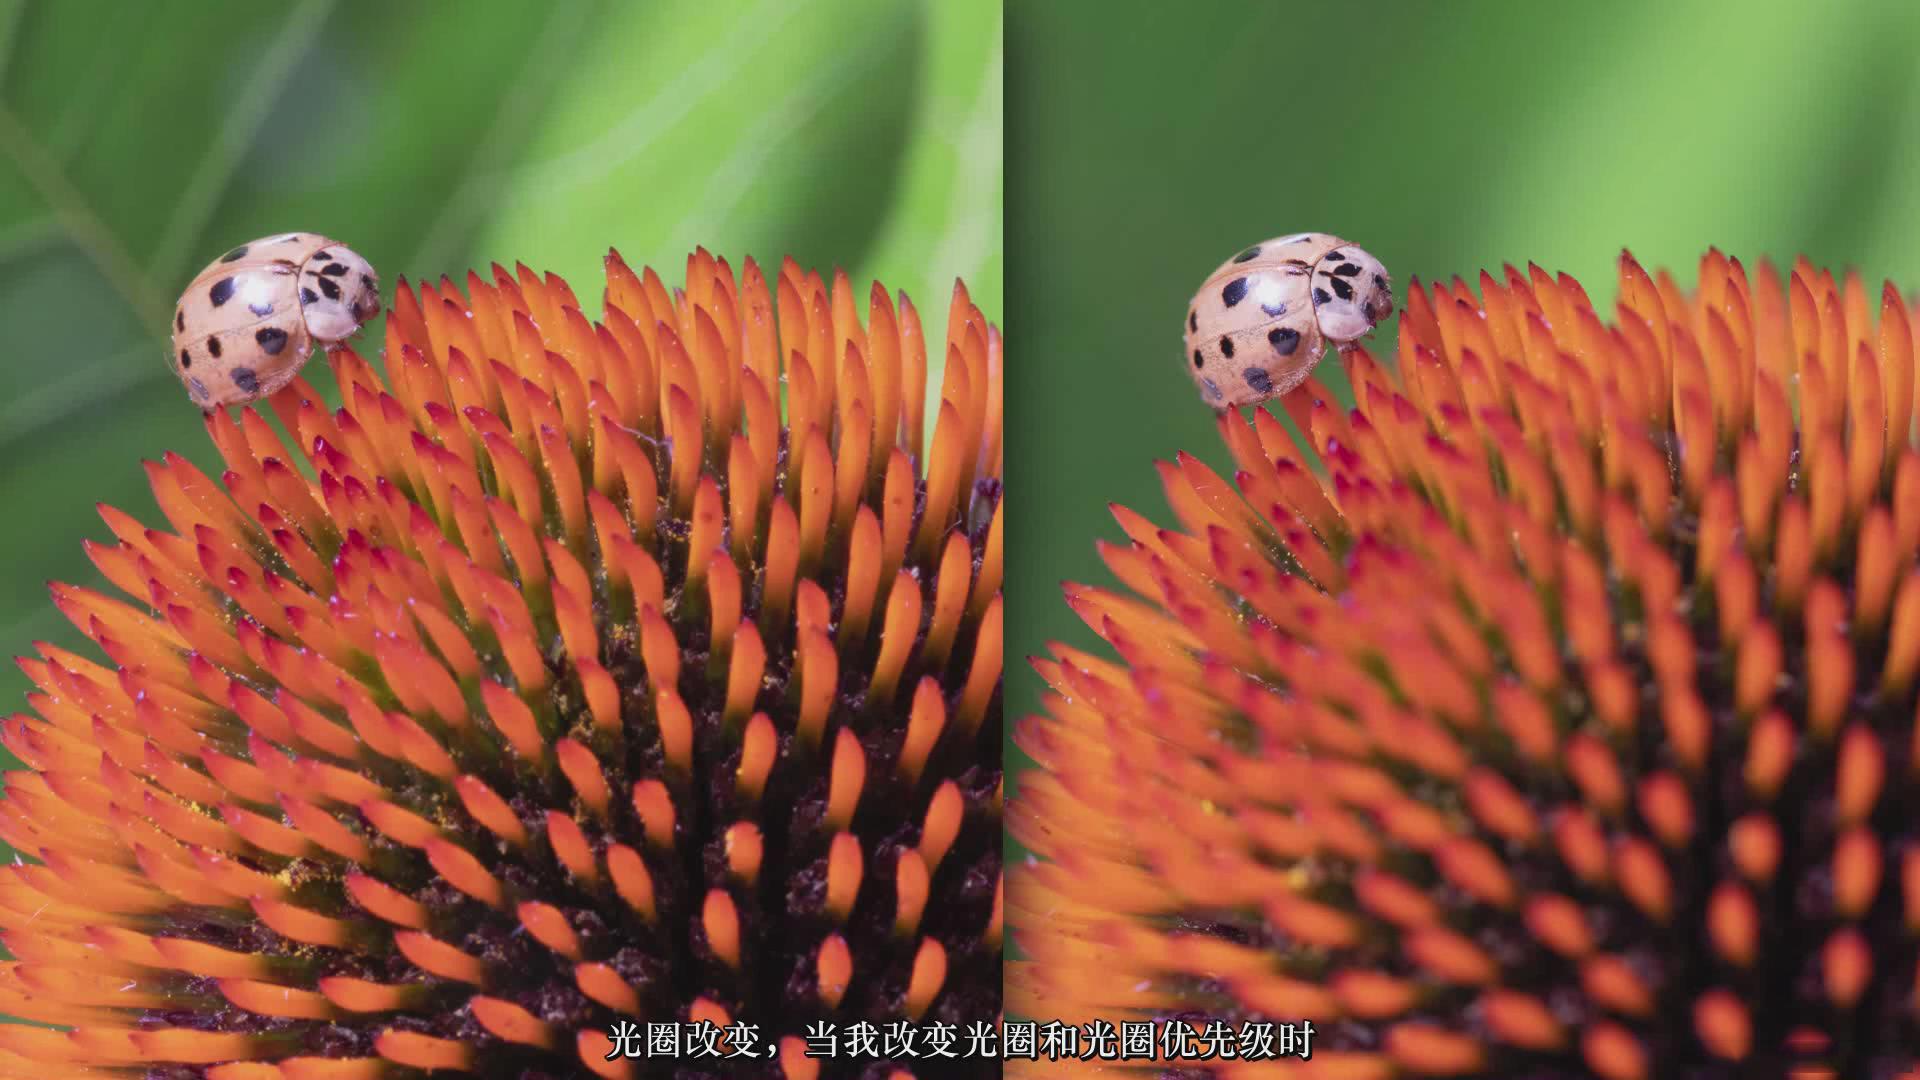 摄影教程_JOSHUA DUNLOP-掌握宏观微距摄影-捕捉惊人的细节-中文字幕 摄影教程 _预览图7